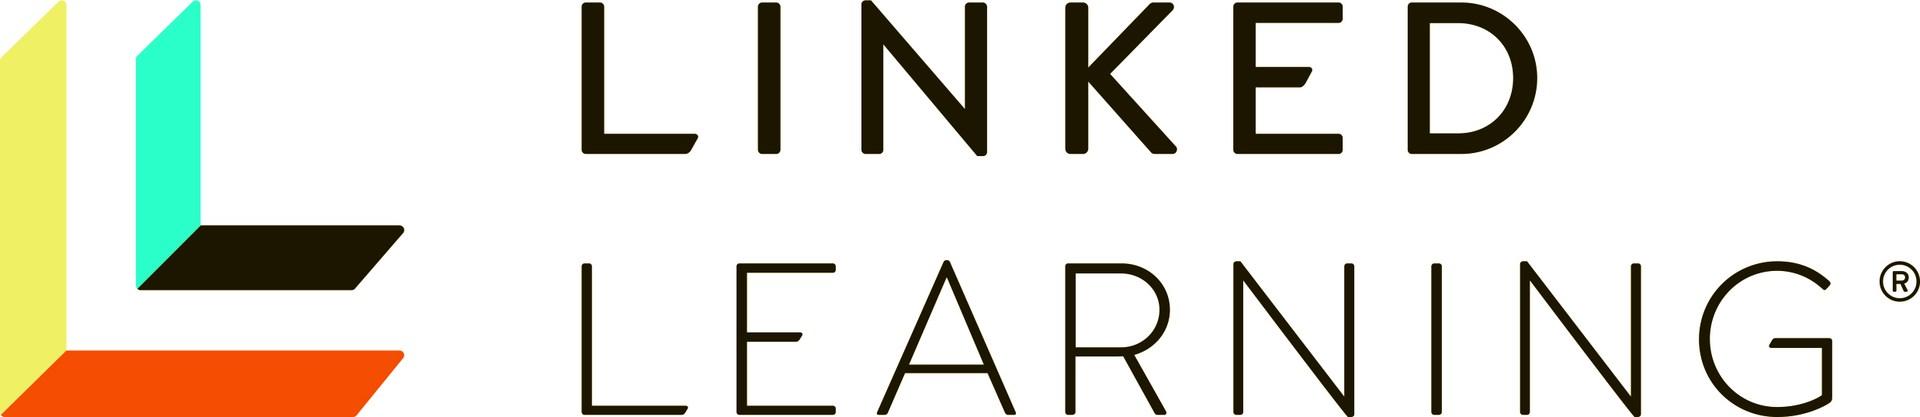 Linked Learning Logo